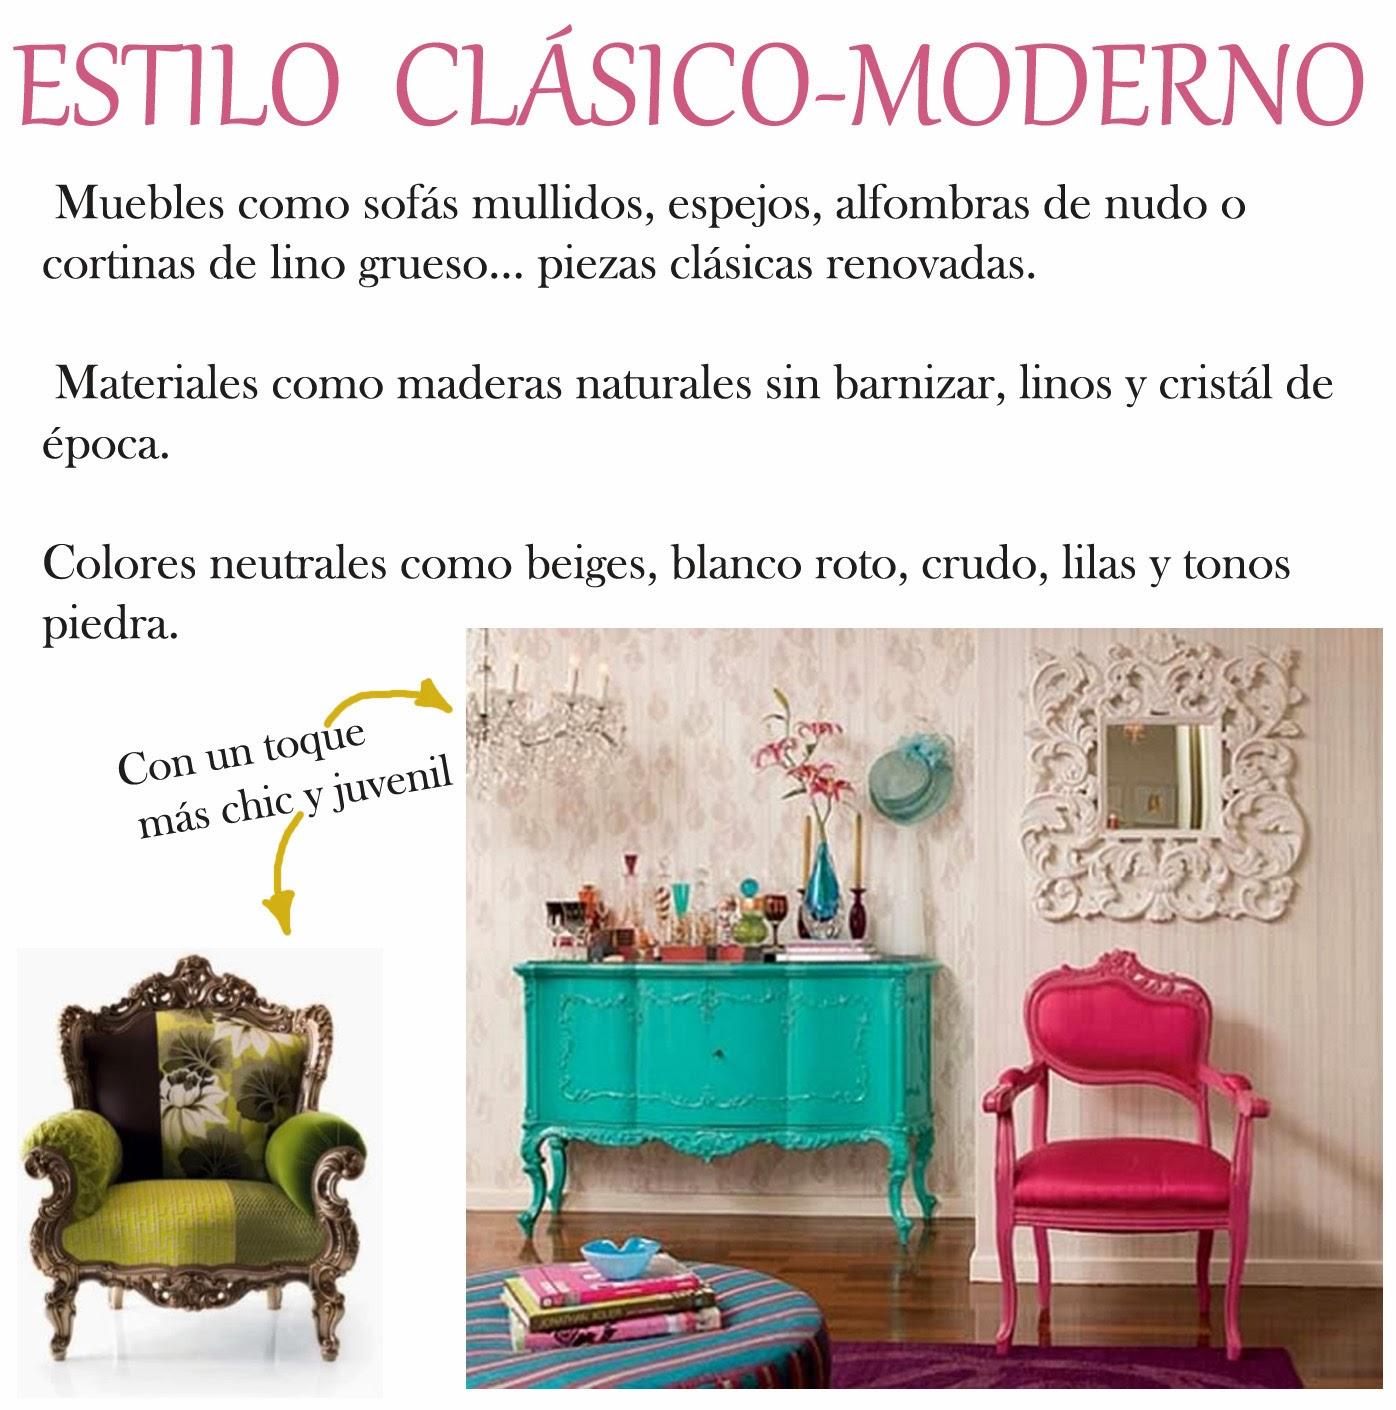 Estilo iii cl sico moderno decoraci n patri blanco for Decoracion estilo clasico moderno